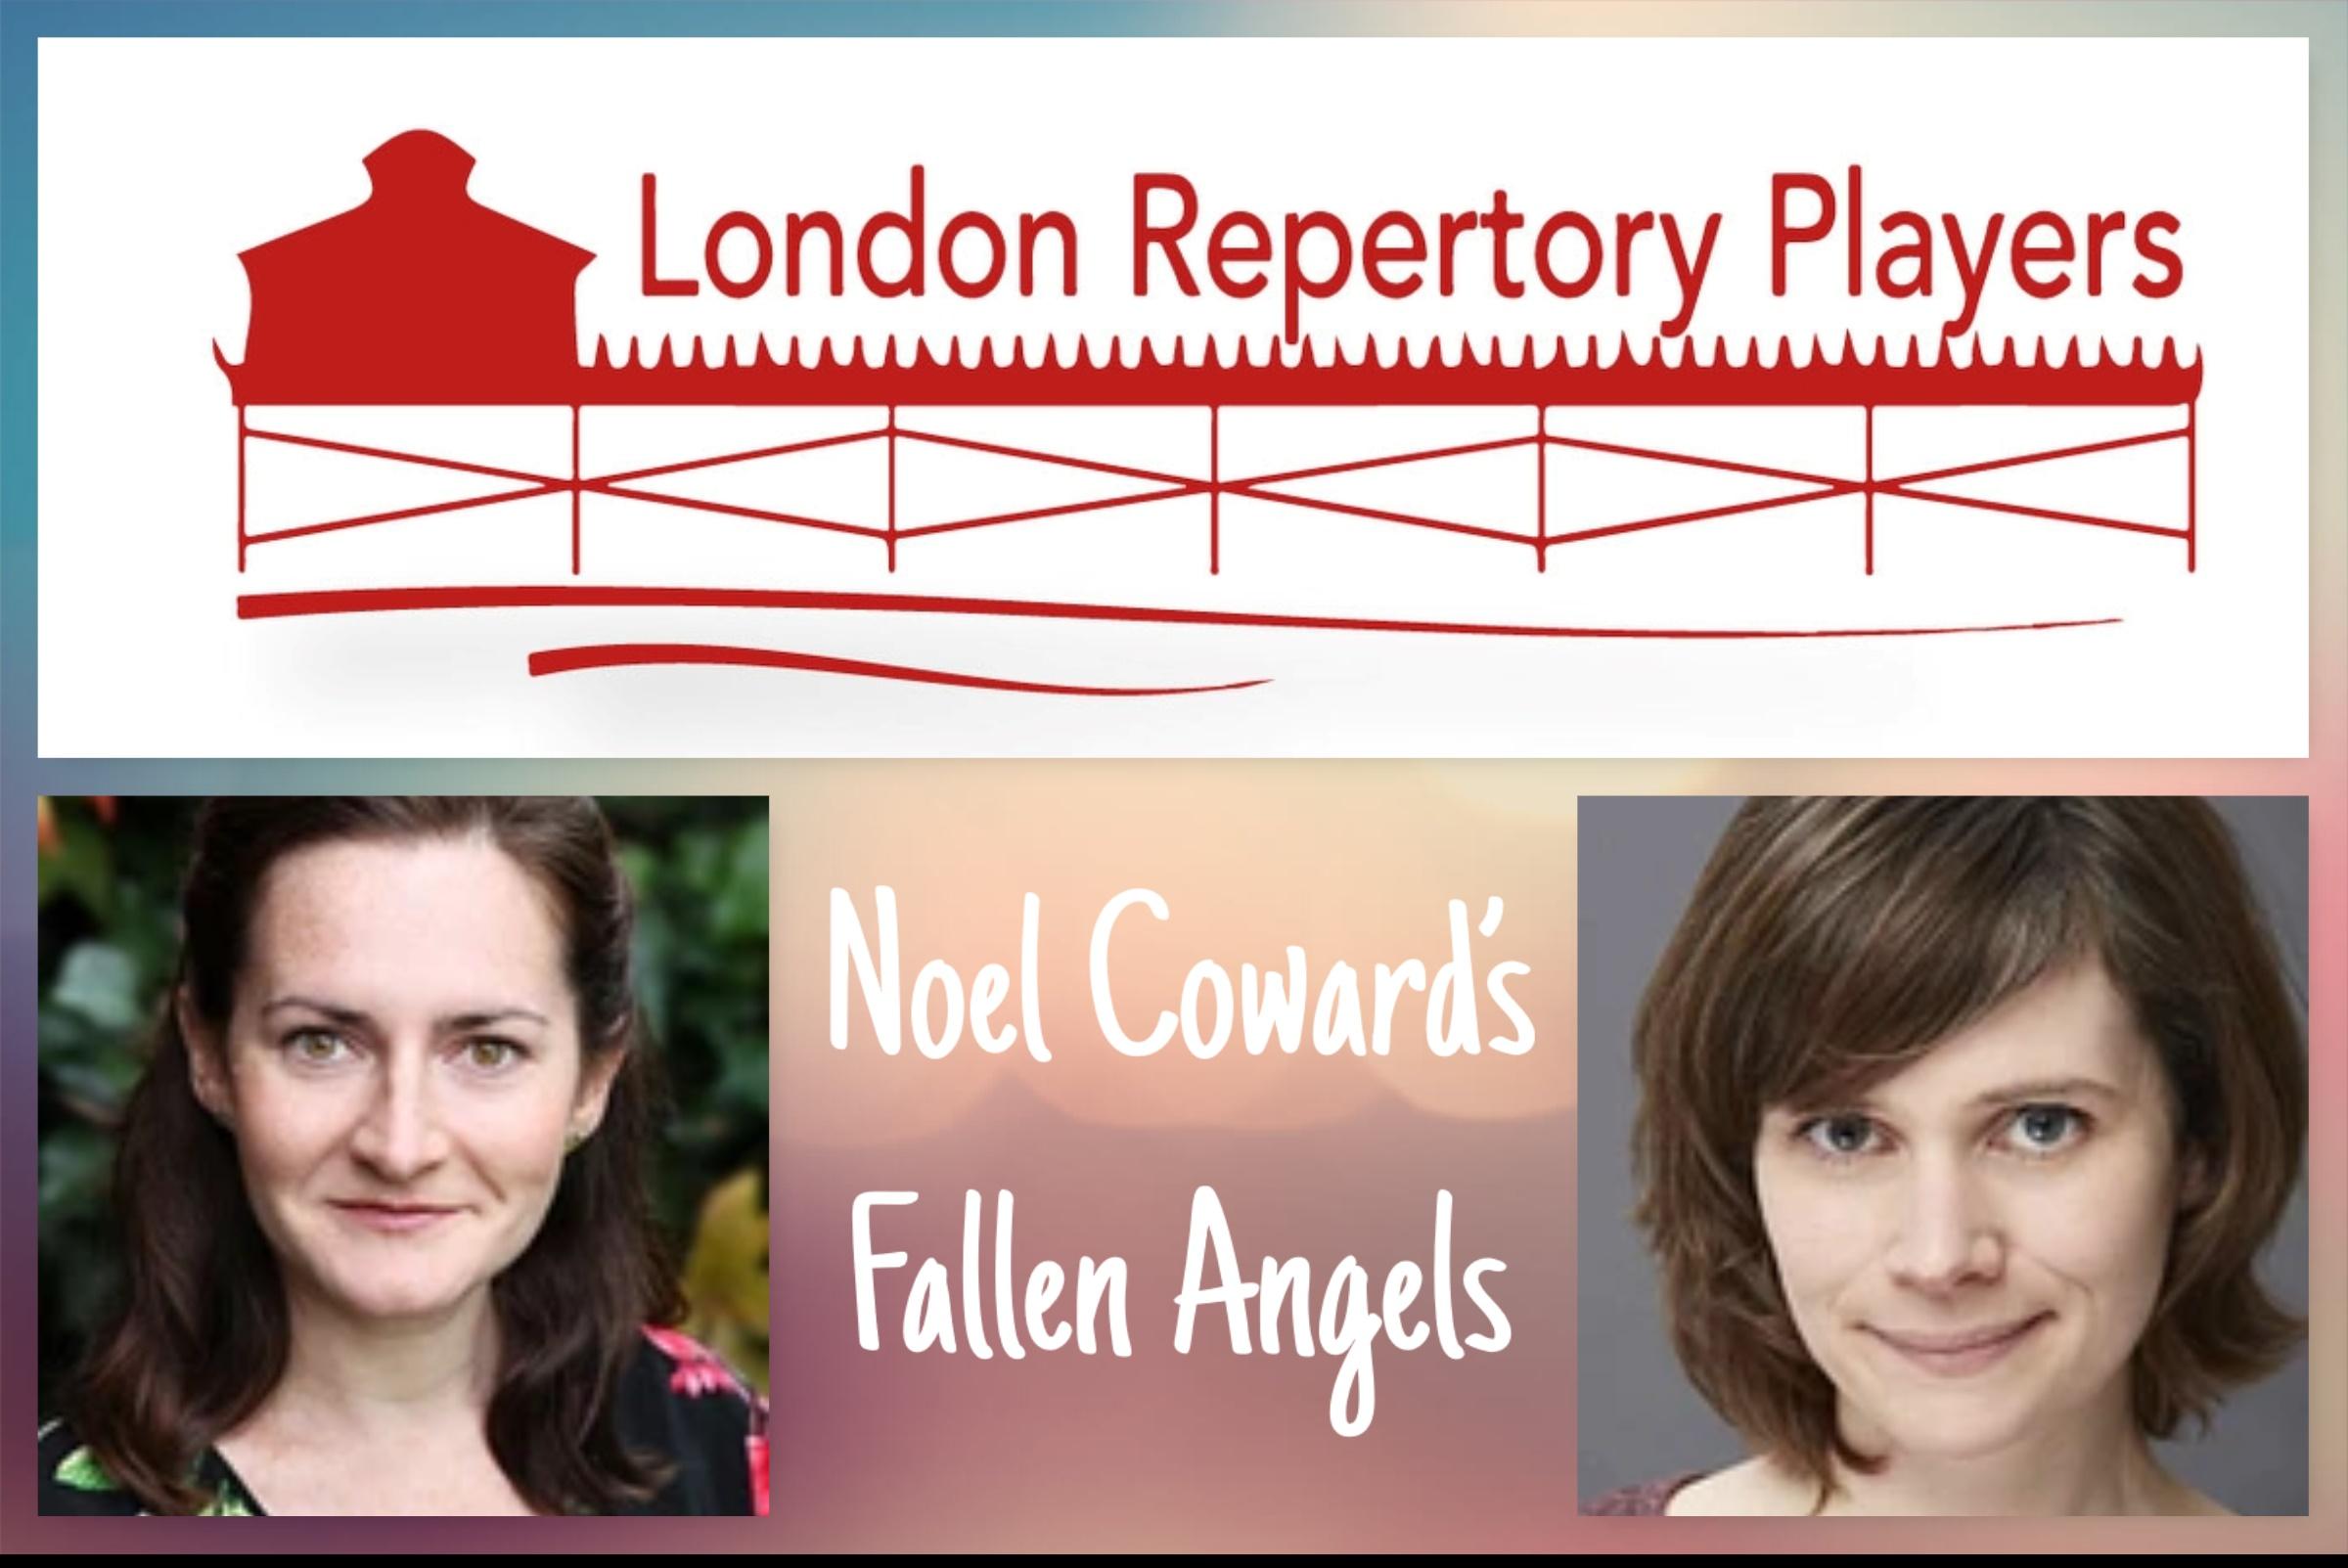 Noel Coward's Fallen Angels